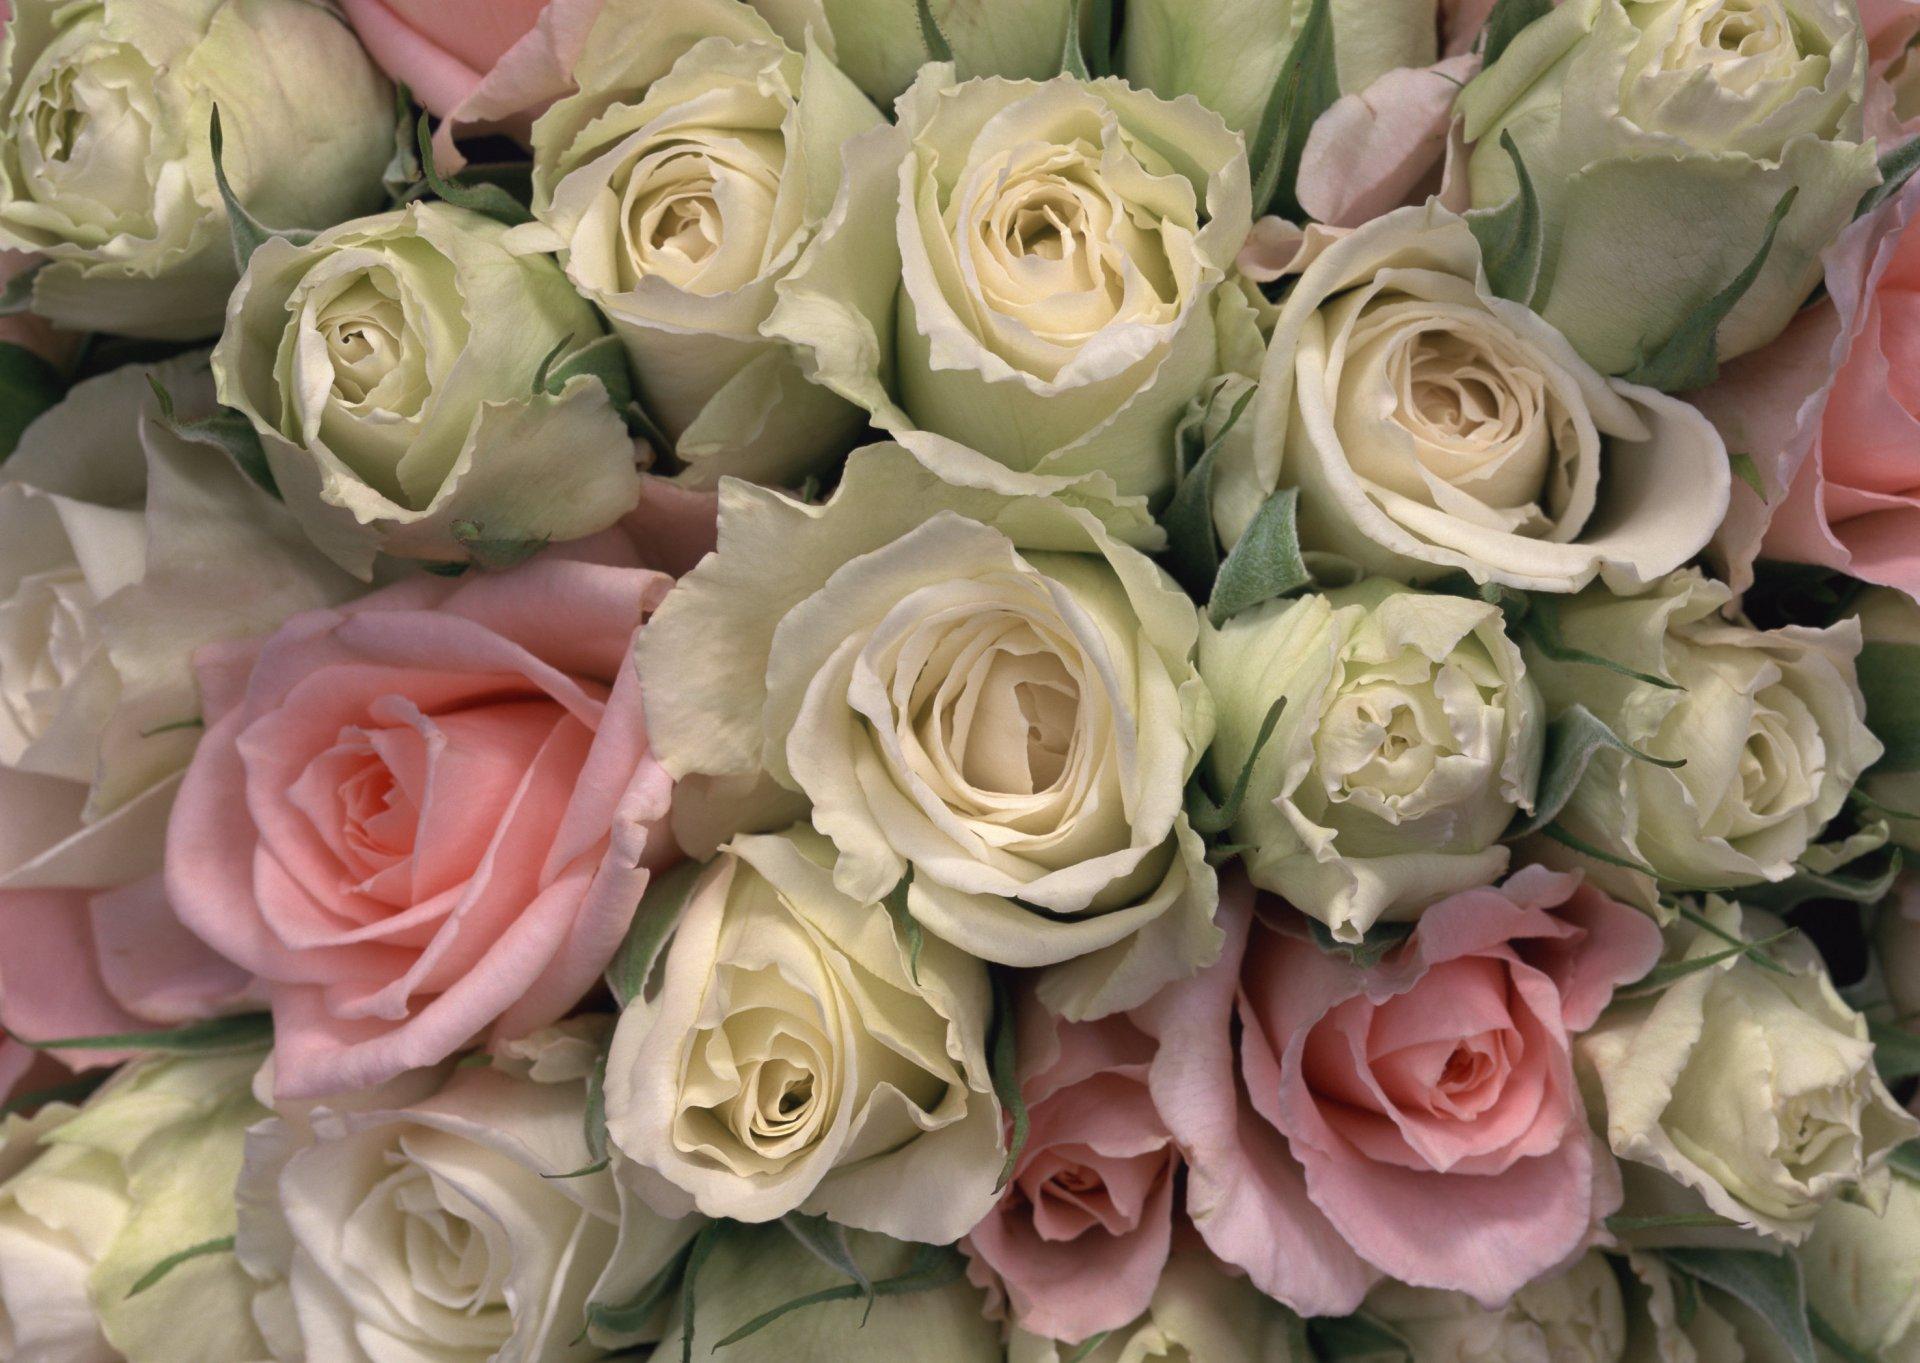 Фото букетов роз в отличном разрешении